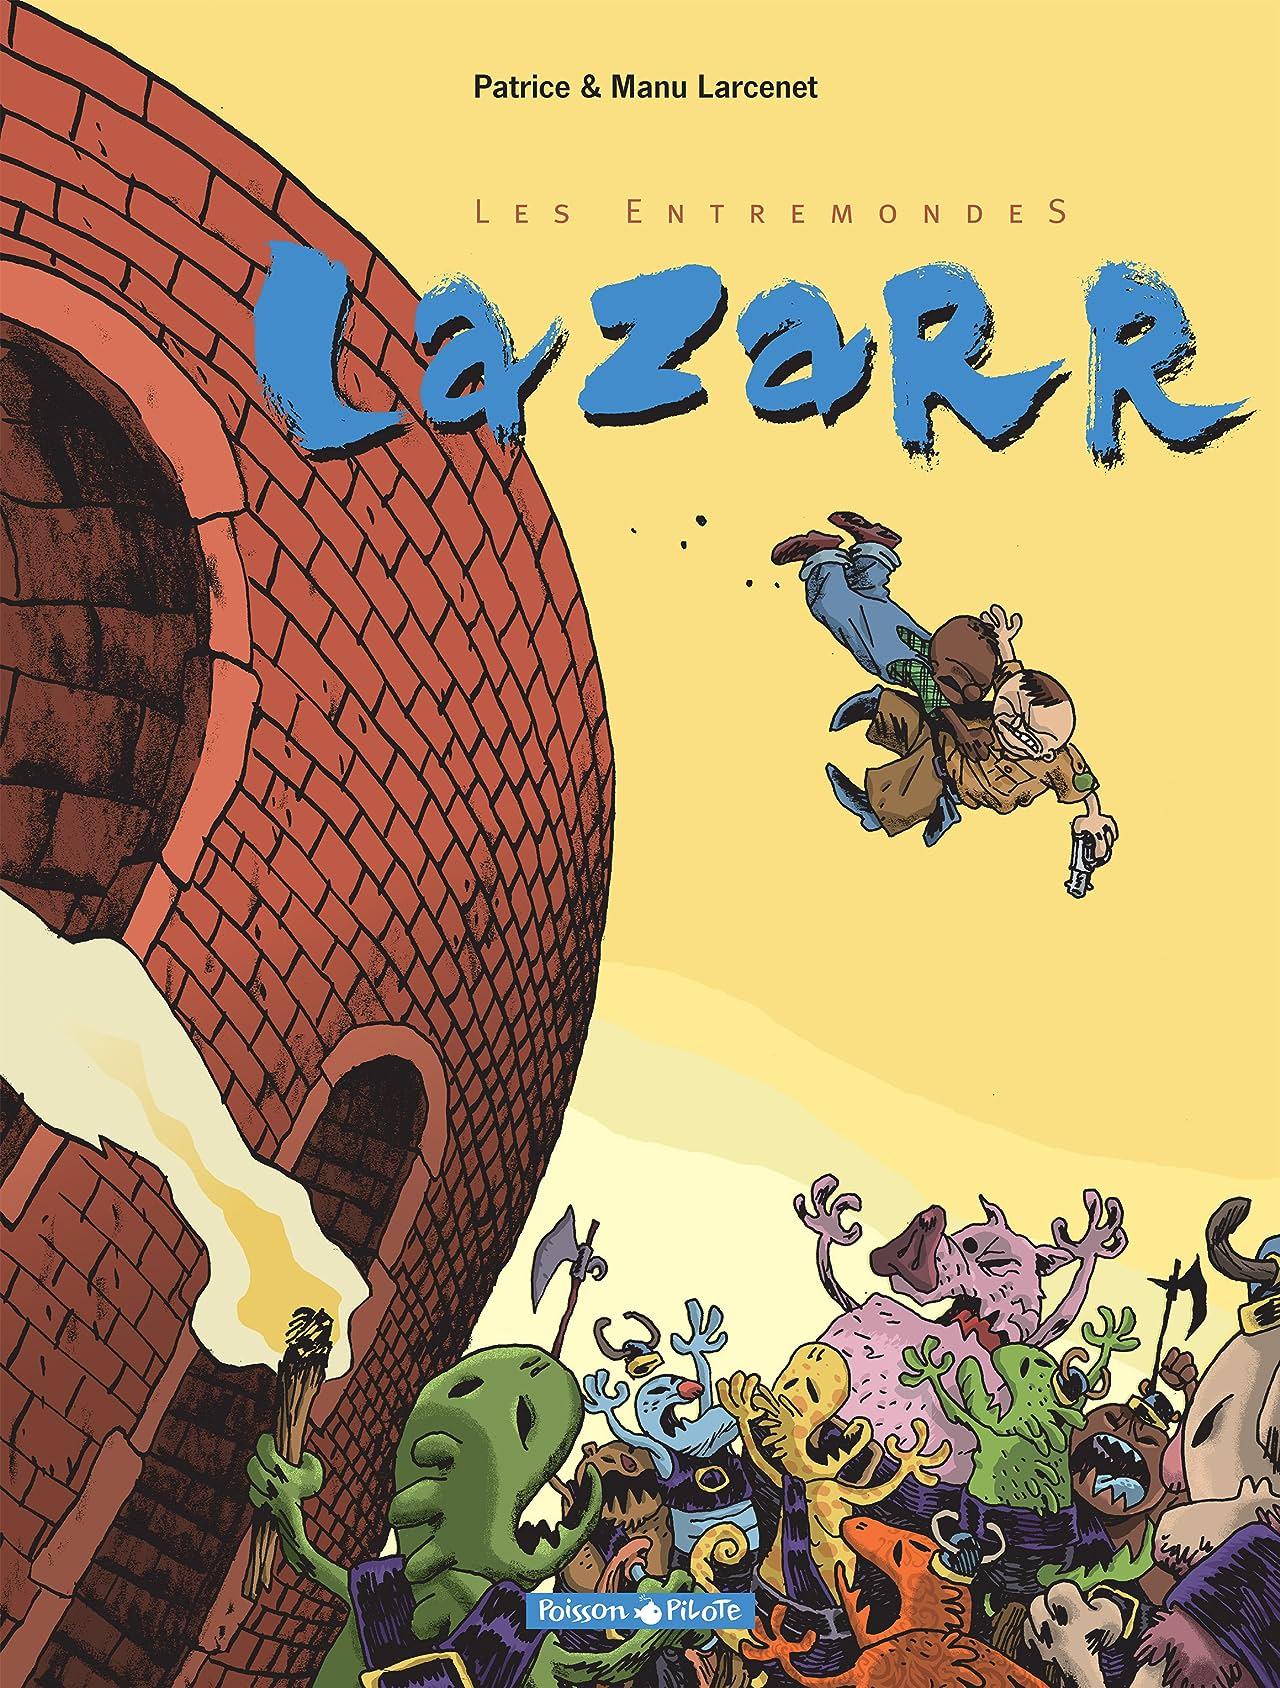 Les Entremondes Vol. 1: Lazarr